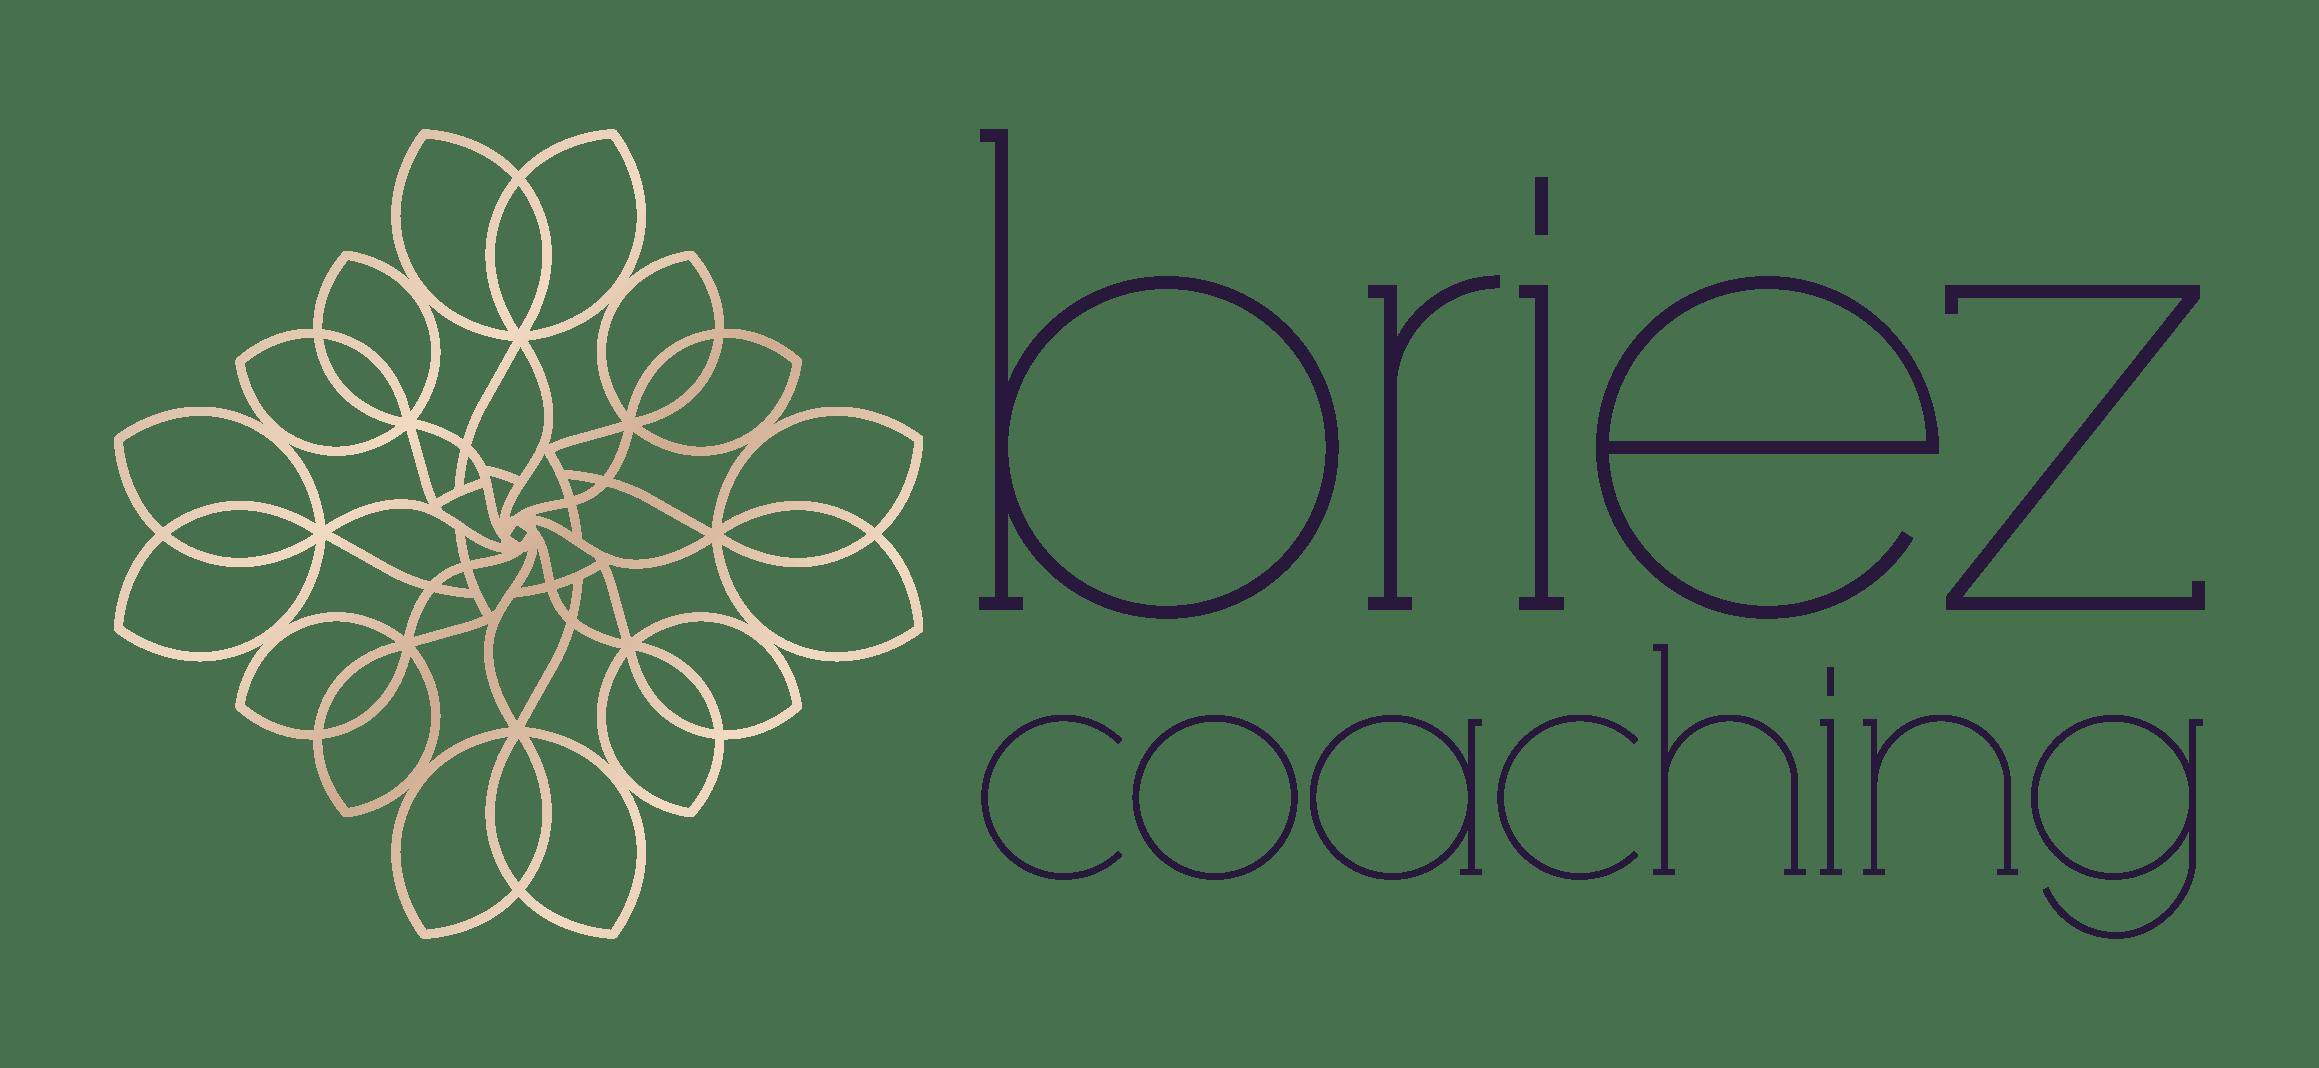 Briez Coaching